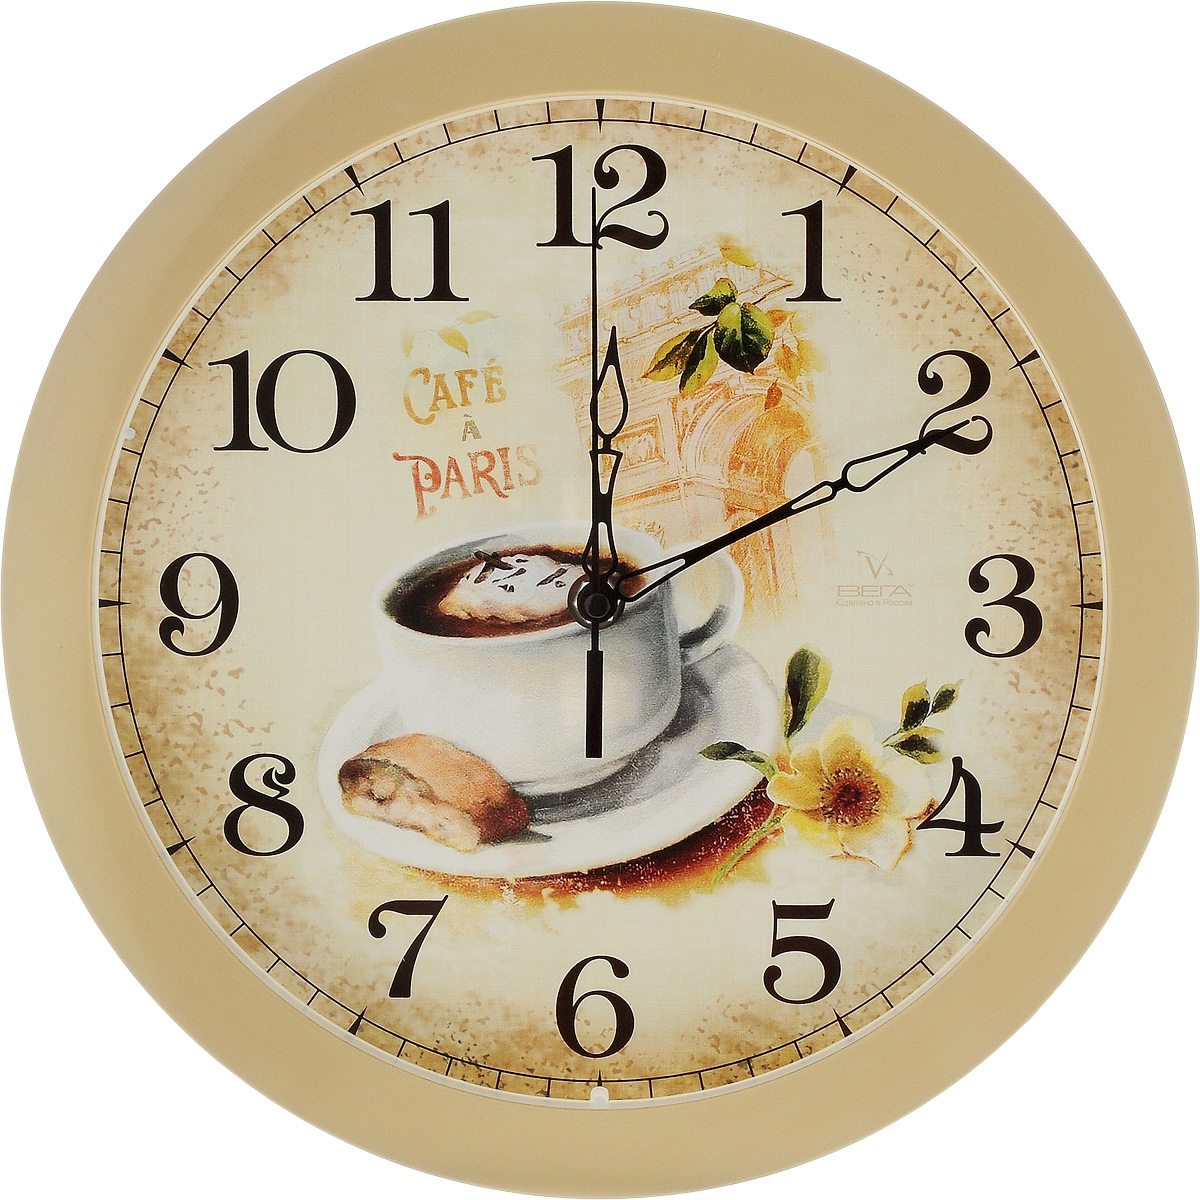 """Настенные кварцевые часы Вега """"Французский завтрак"""",  изготовленные из пластика, прекрасно впишутся в интерьер  вашего дома. Часы имеют три стрелки: часовую, минутную и  секундную, циферблат защищен прозрачным стеклом.  Часы работают от 1 батарейки типа АА напряжением 1,5 В (не  входит в комплект). Диаметр часов: 28,5 см."""